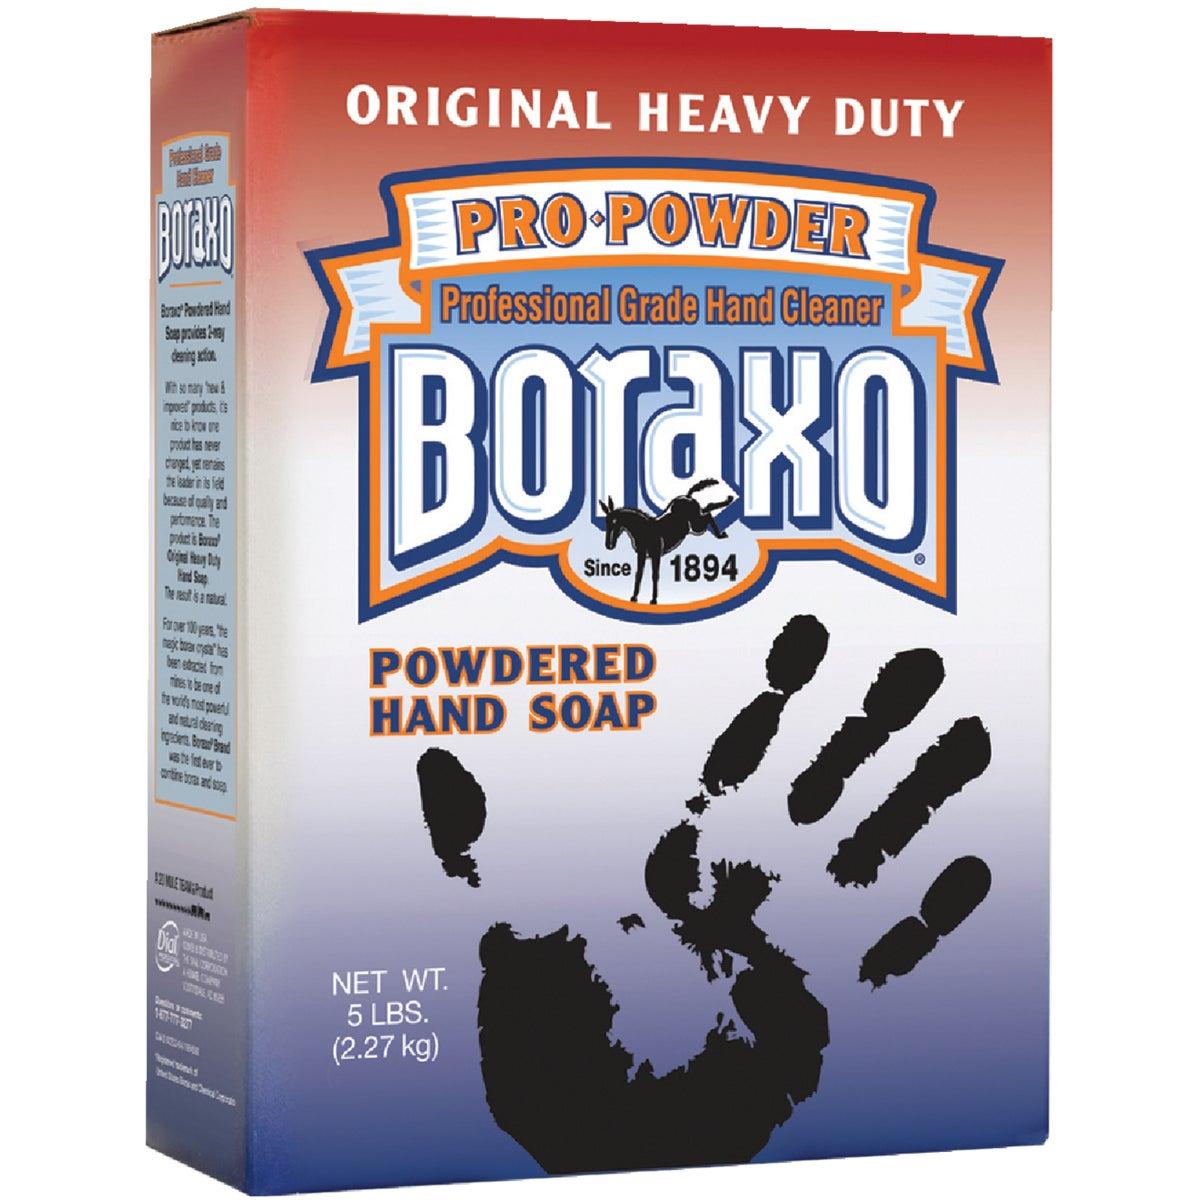 BORAXO HAND SOAP - DIA02203 by Lagassesweet  Incom